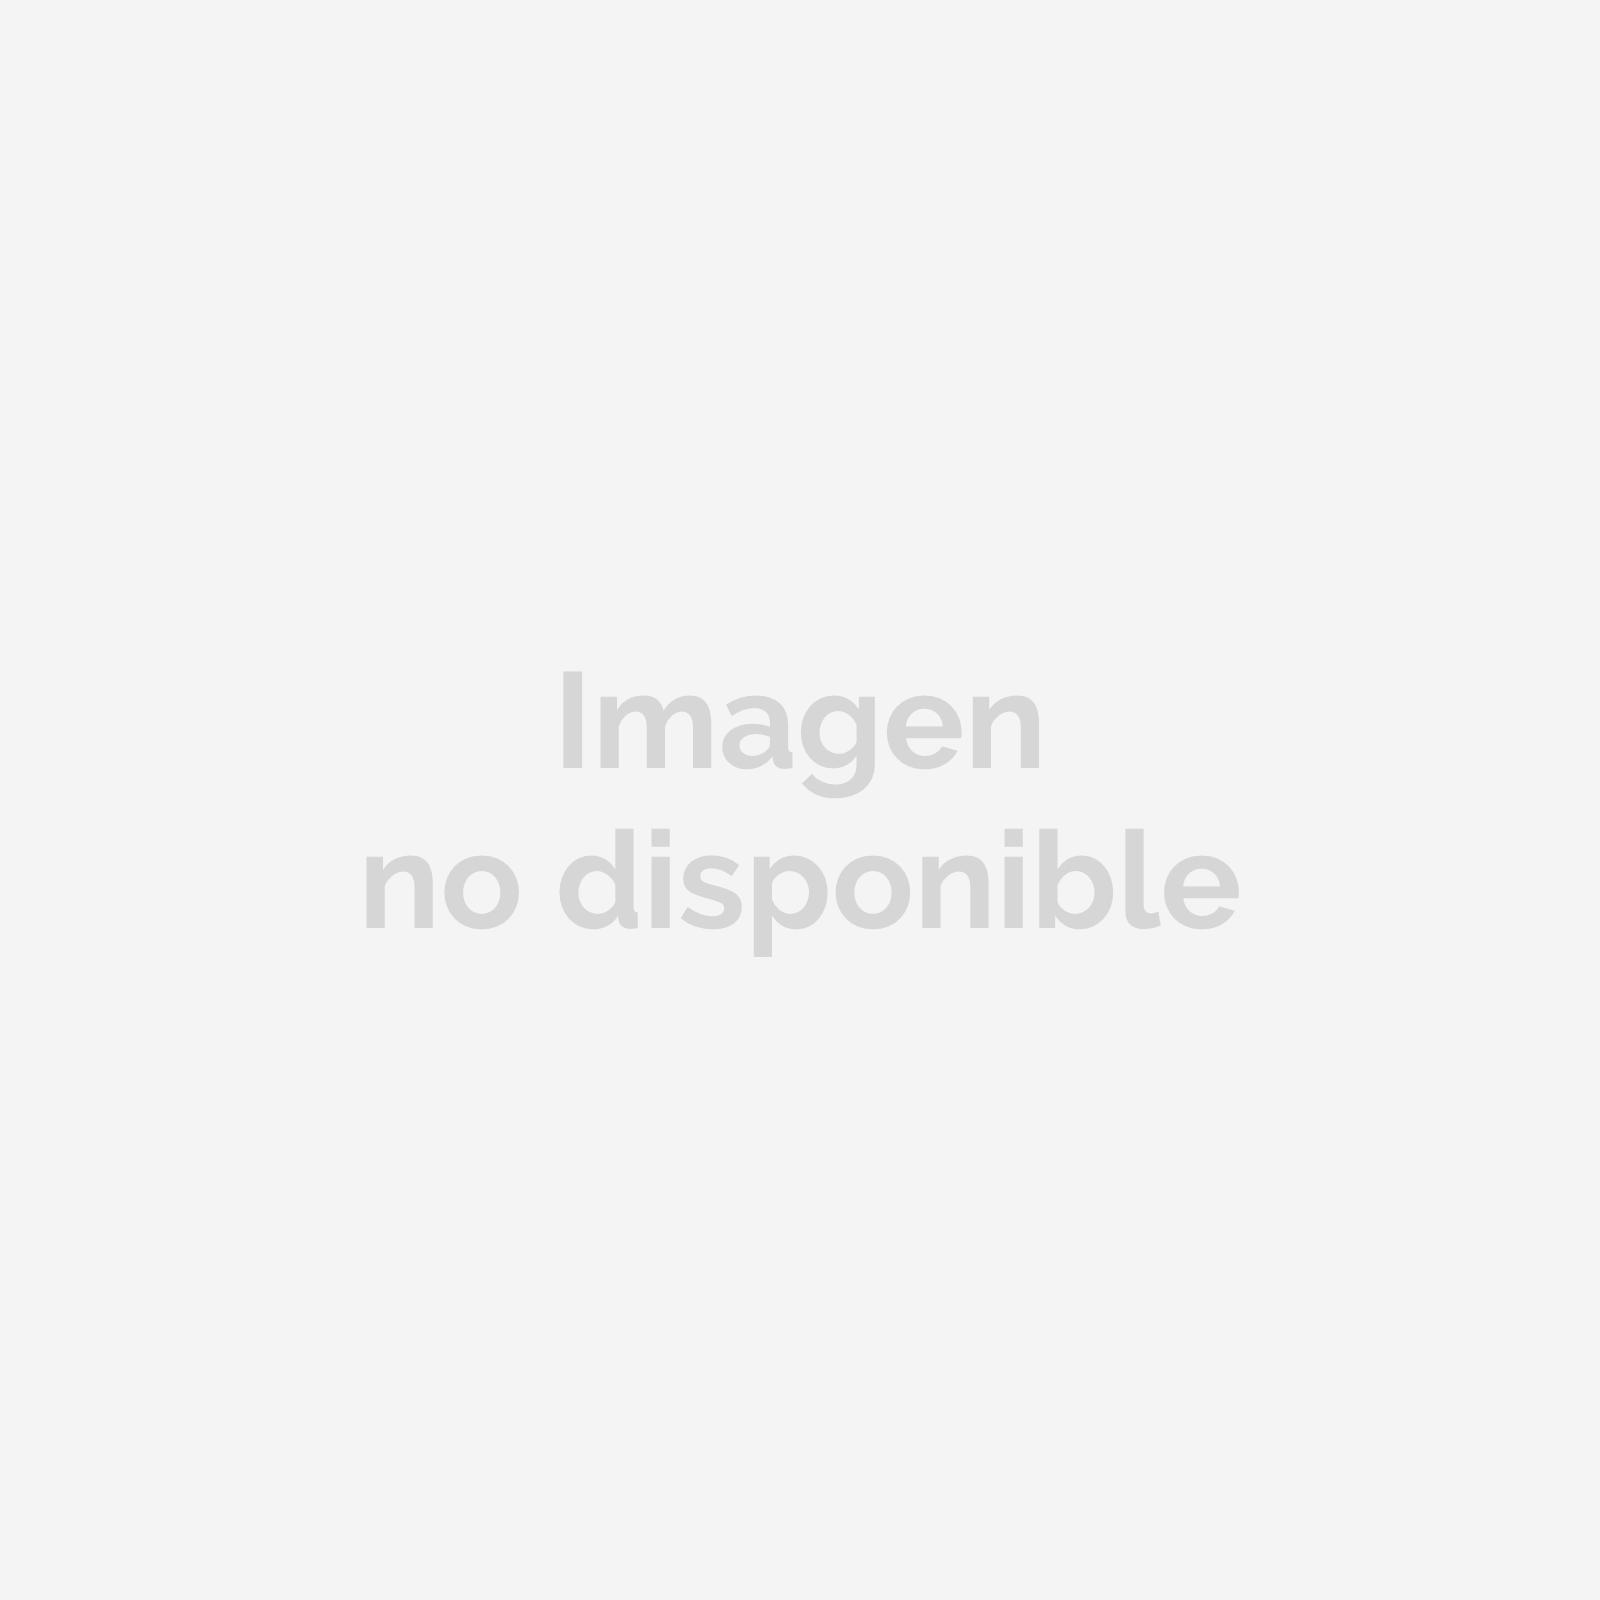 Colombia Noir Cafetera De Aluminio 6 tz